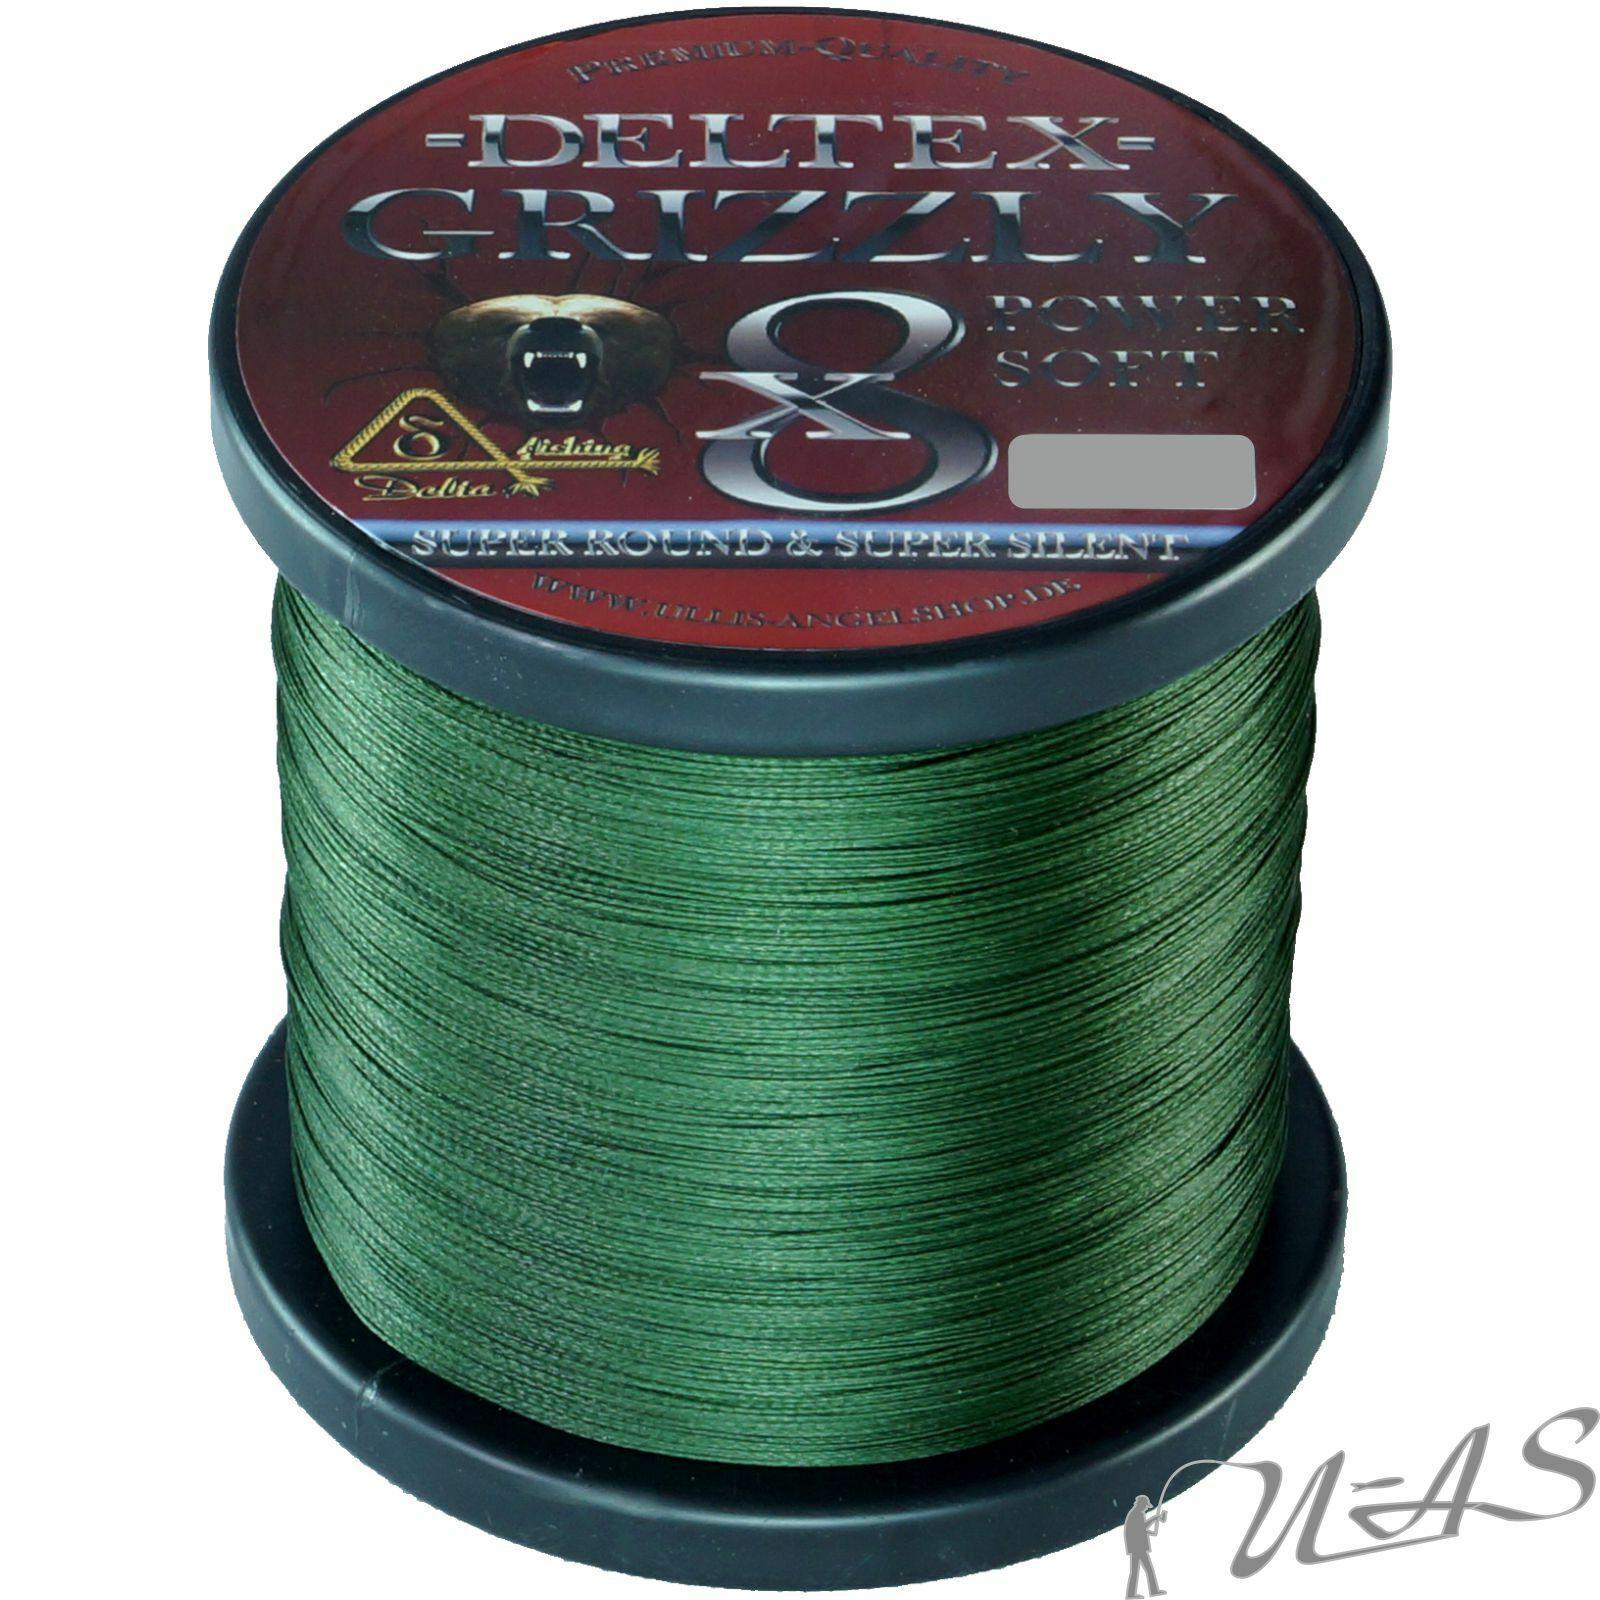 Deltex GRIZZLY verde 0.12mm 16,10kg 1000m PE Giappone 8 volte intrecciato LENZA